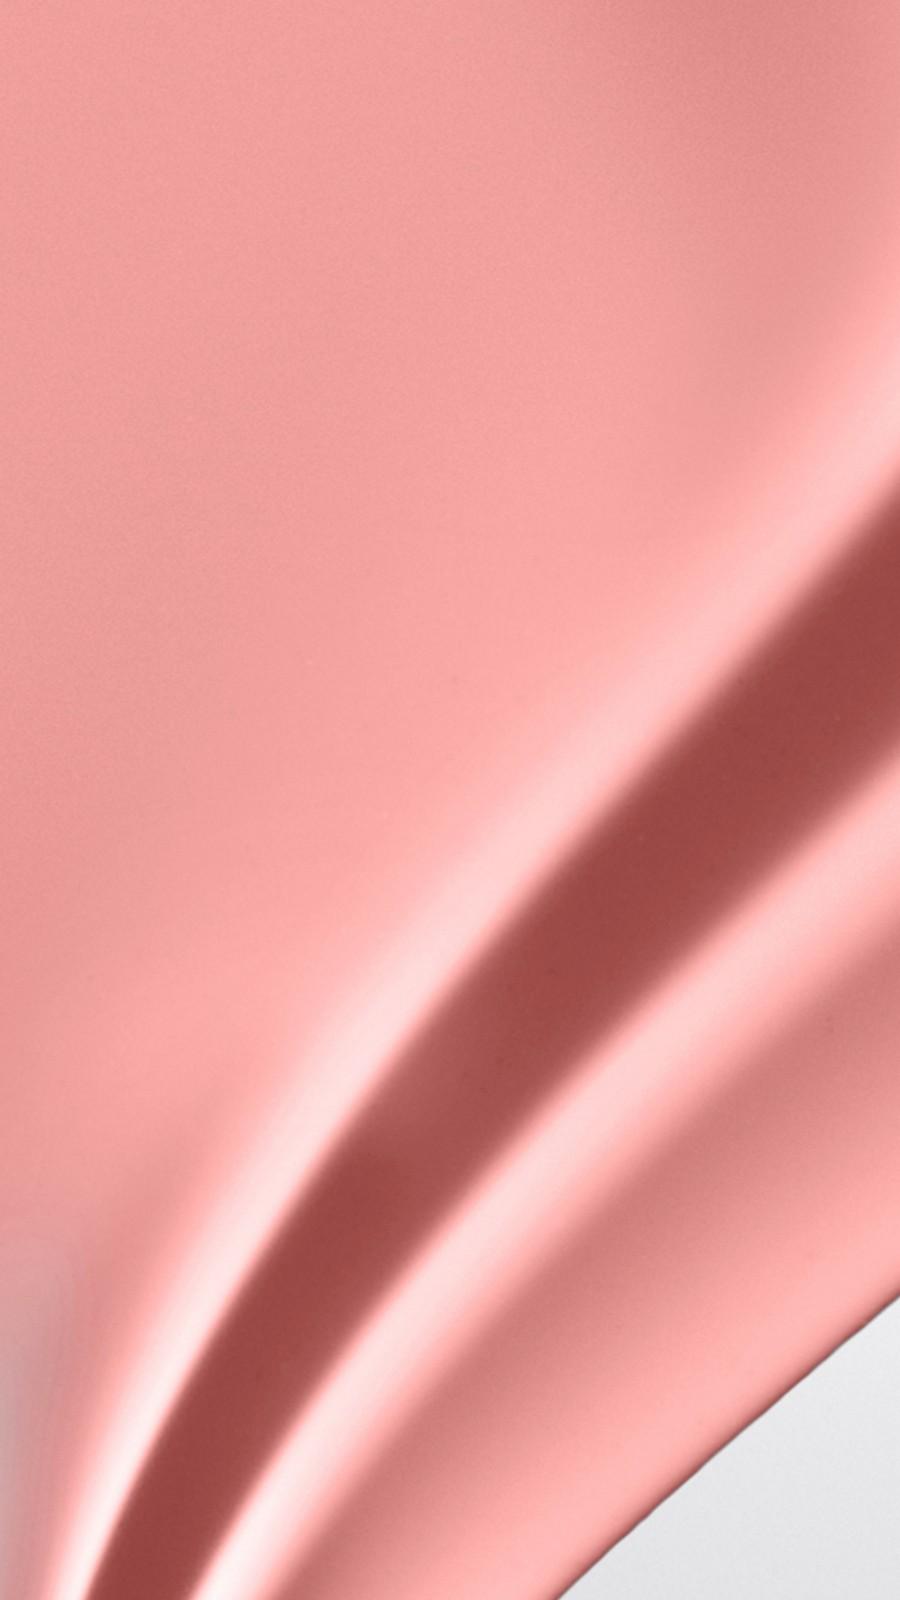 Mallow pink 19 Lip Glow - Mallow Pink No.19 - Image 2